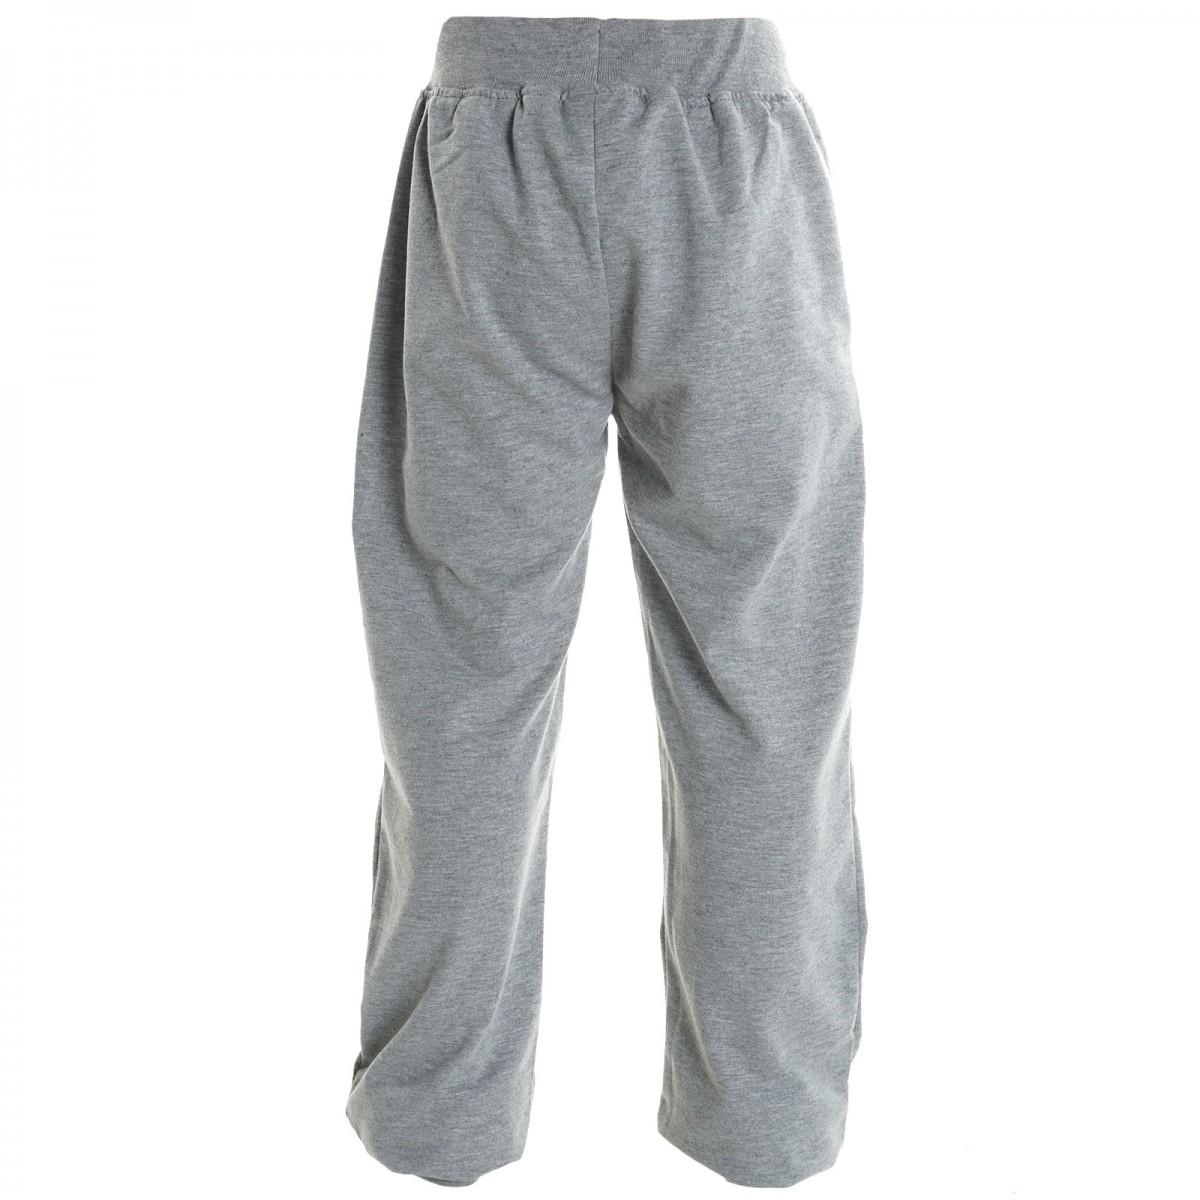 Garcons-Pantalon-Jogging-Sport-Short-Loisirs-Entrainement-Pantalons-Stock-offre miniature 5